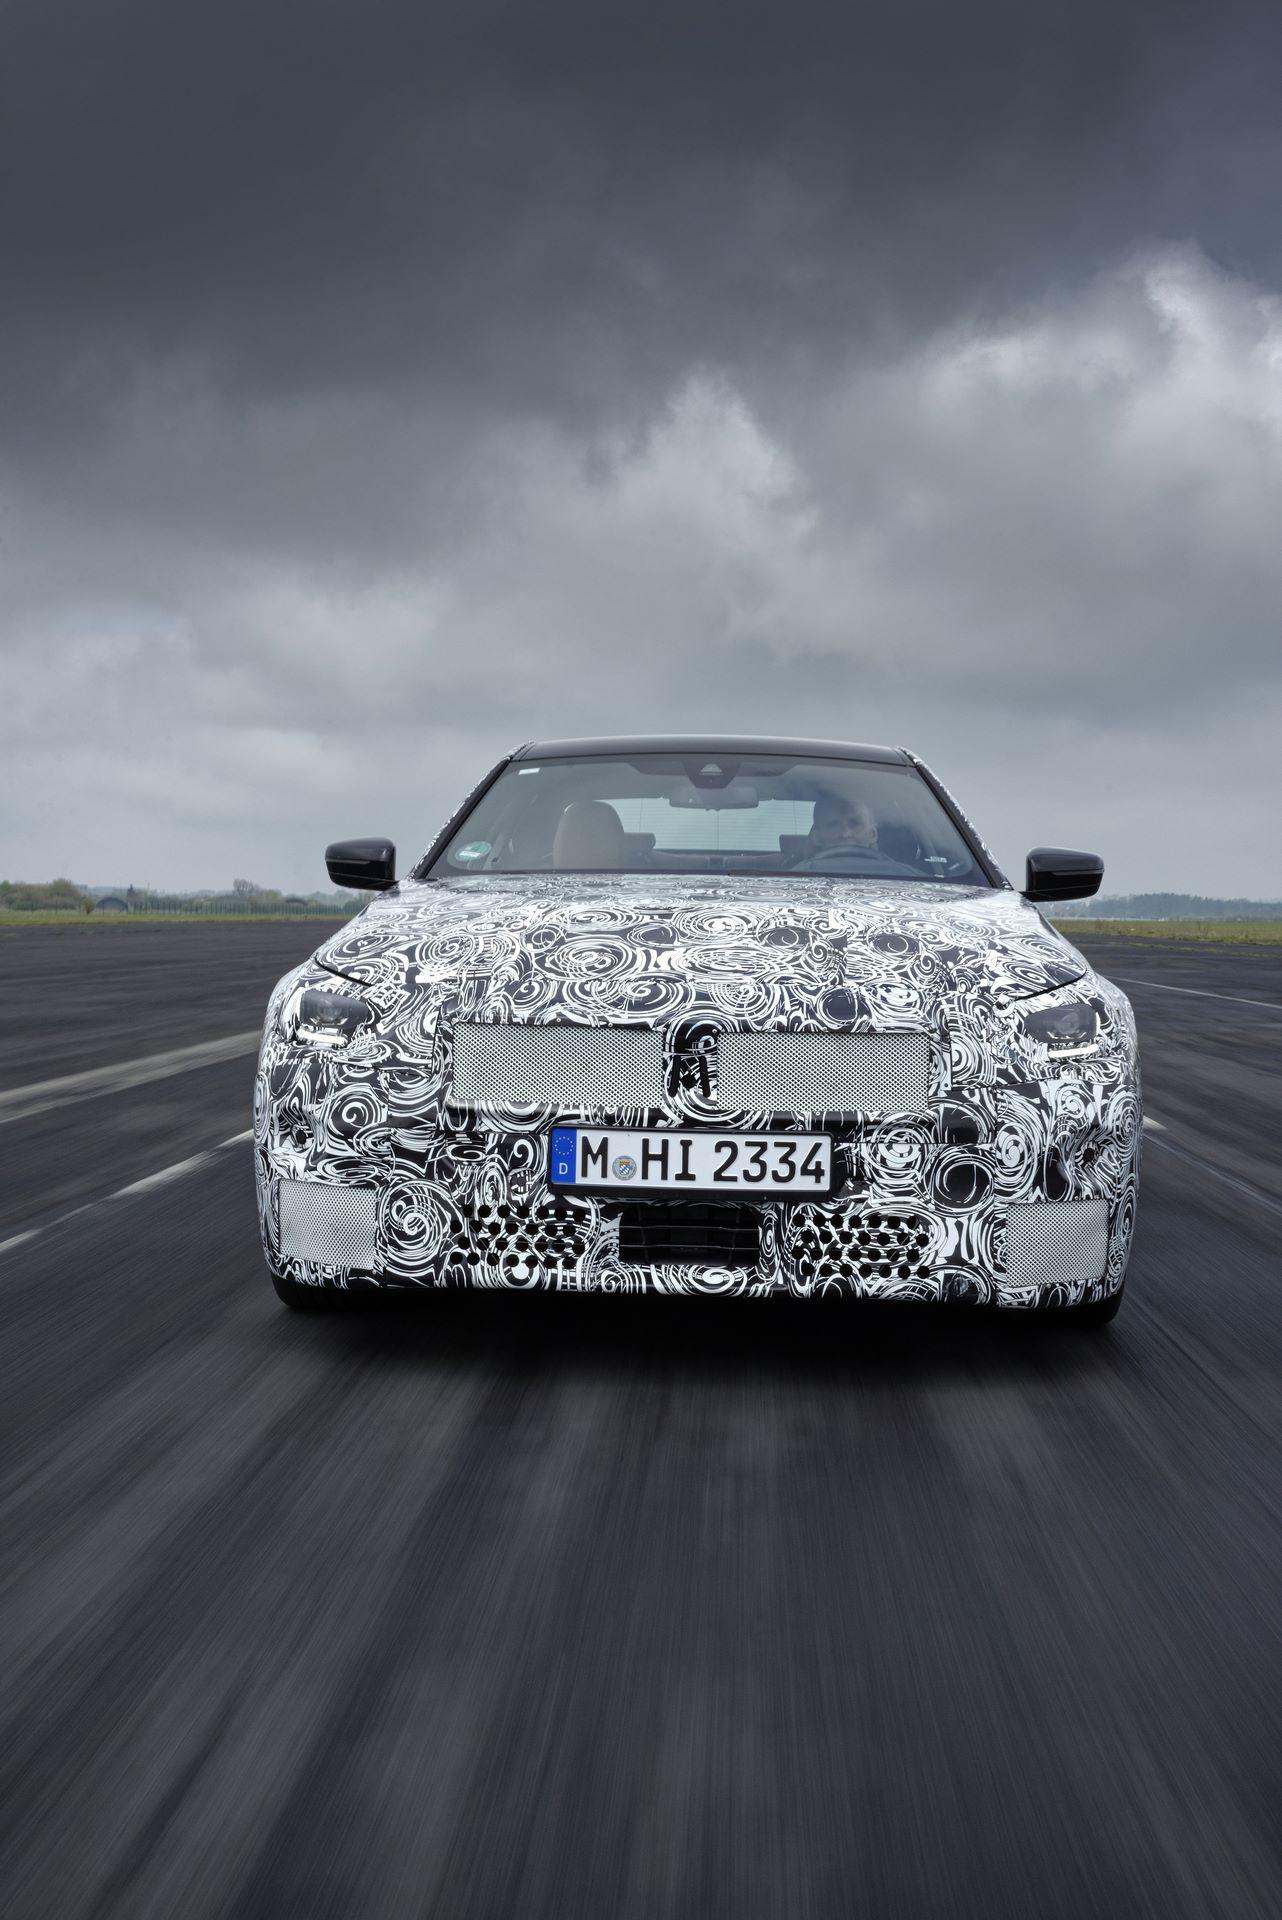 BMW-2-Series-M240i-spy-photos-110